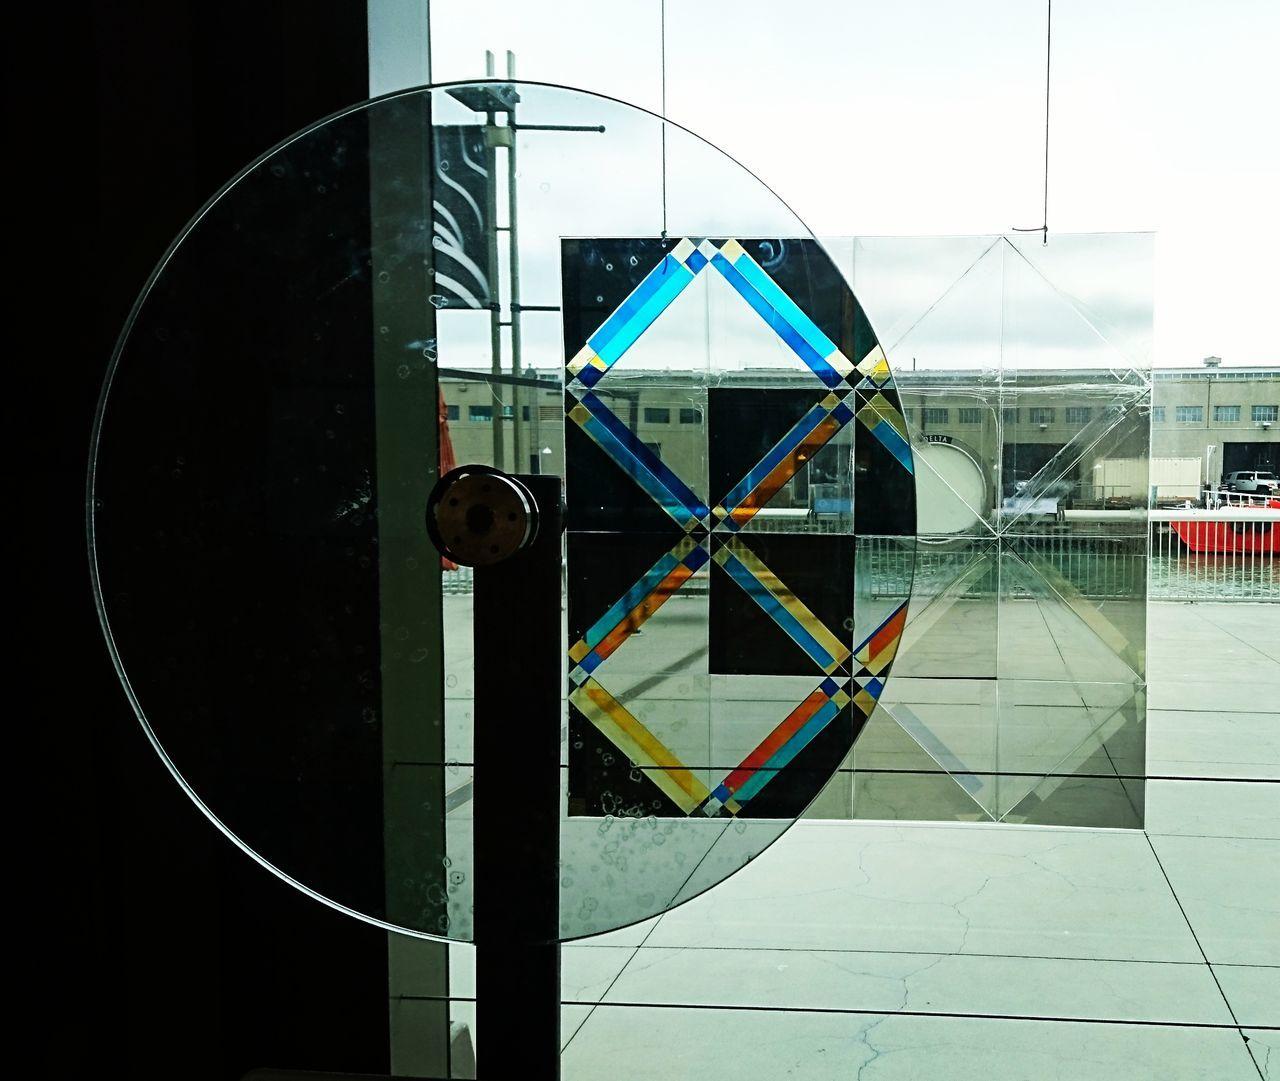 Exploratorium California San Francisco, ScienceMuseum Science Colors and patterns